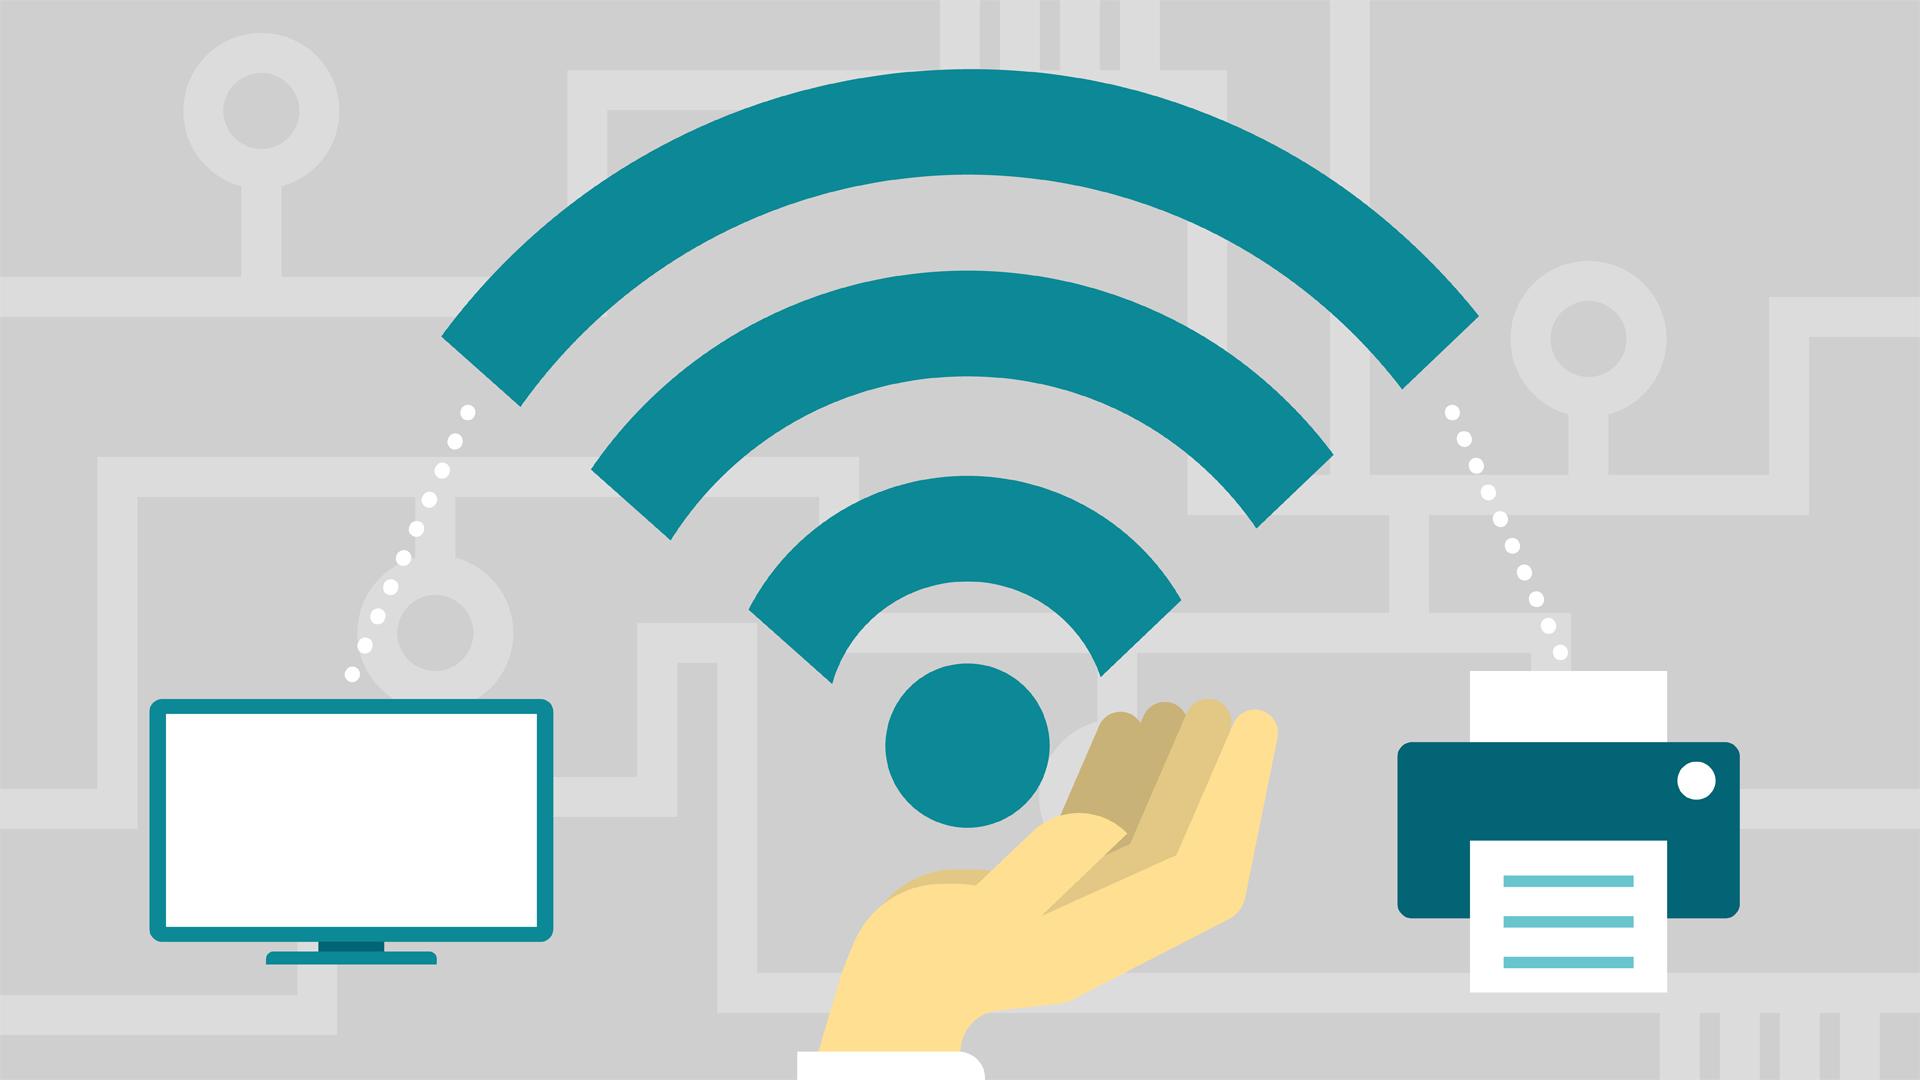 分享一种家庭装修(改装)常见的网络拓展方案